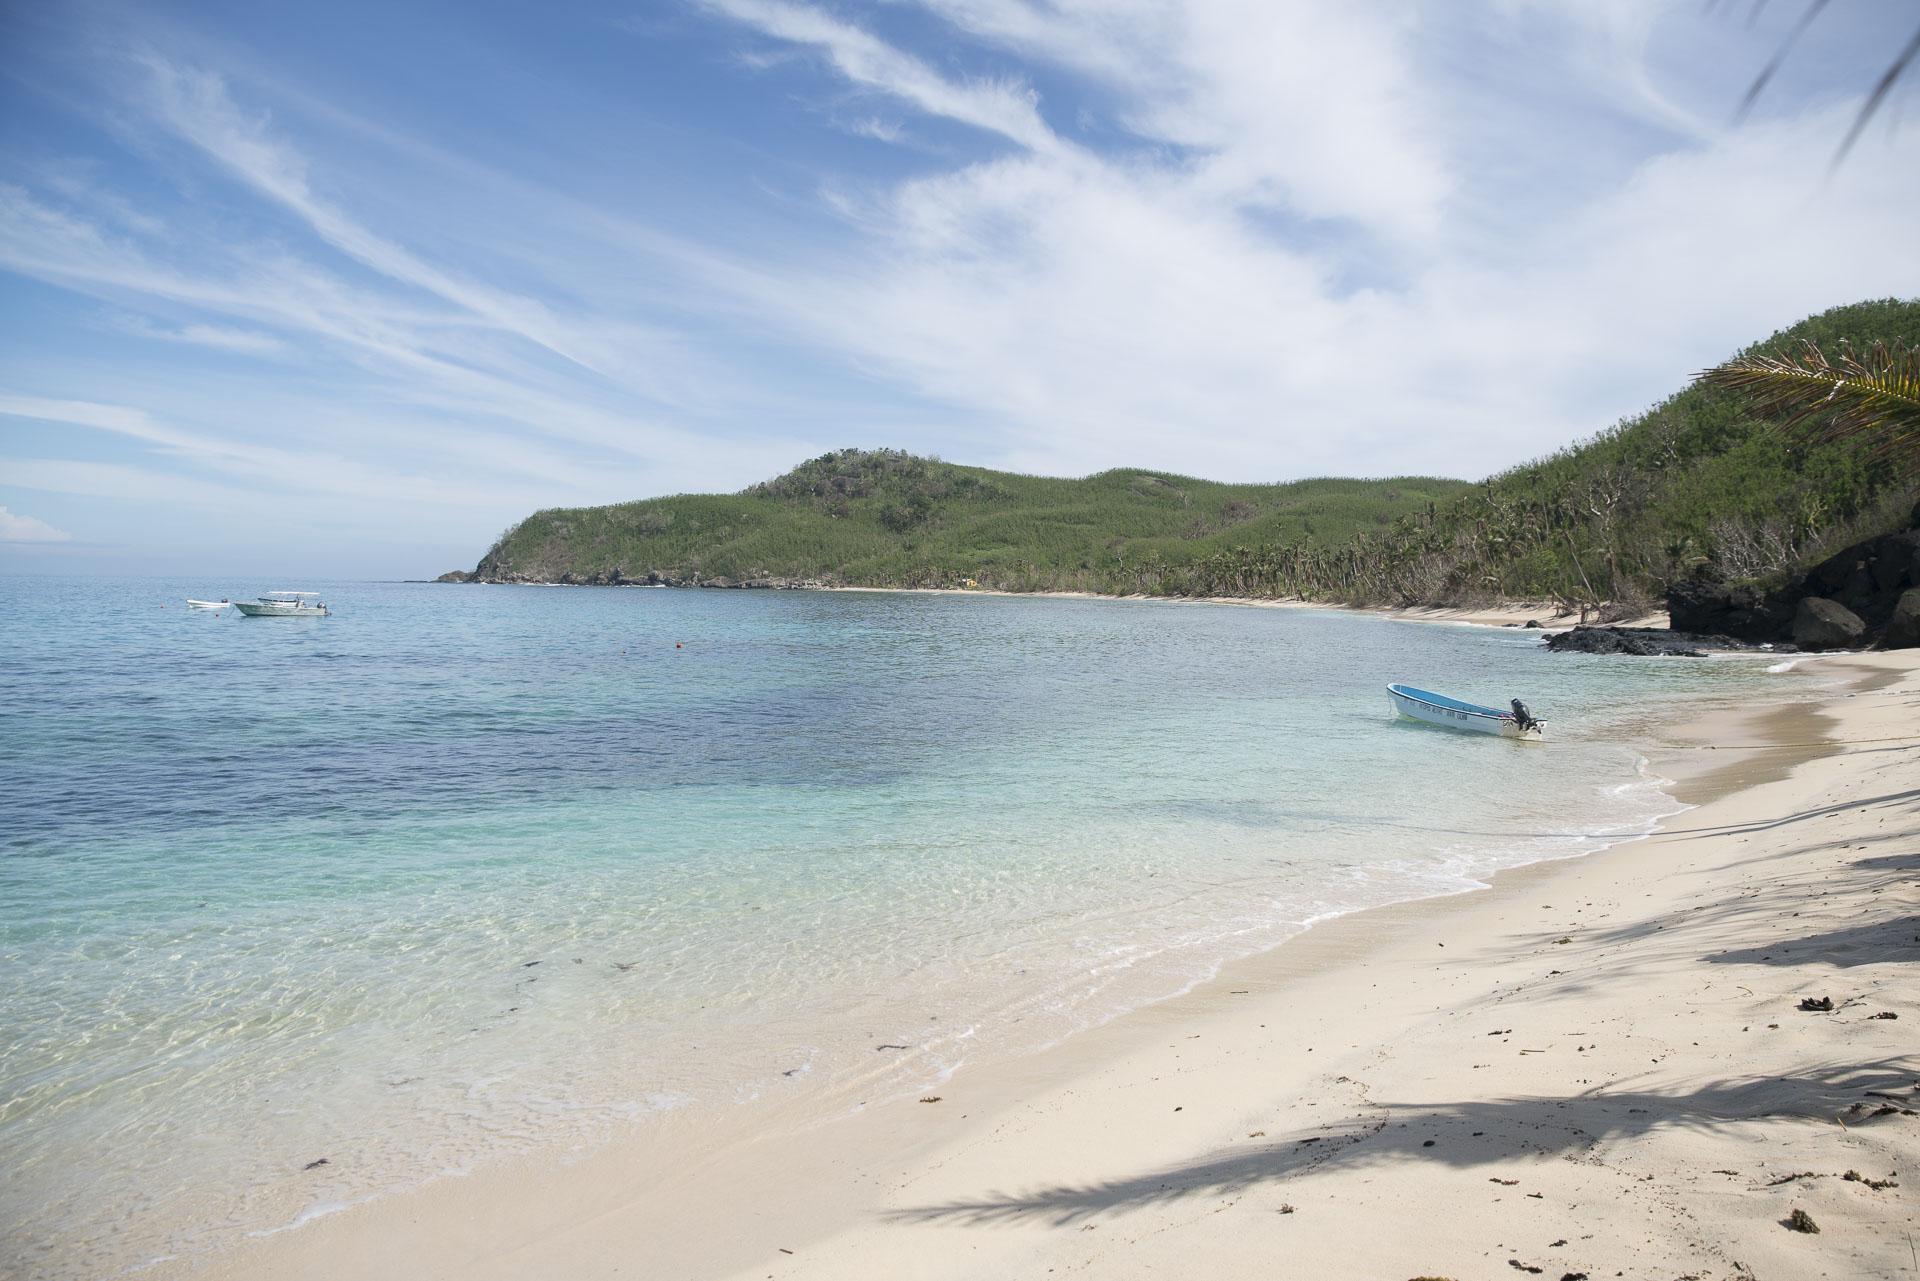 Geheimtipp Südseeinseln: Waya Islands - ein Paradies in Fidschi